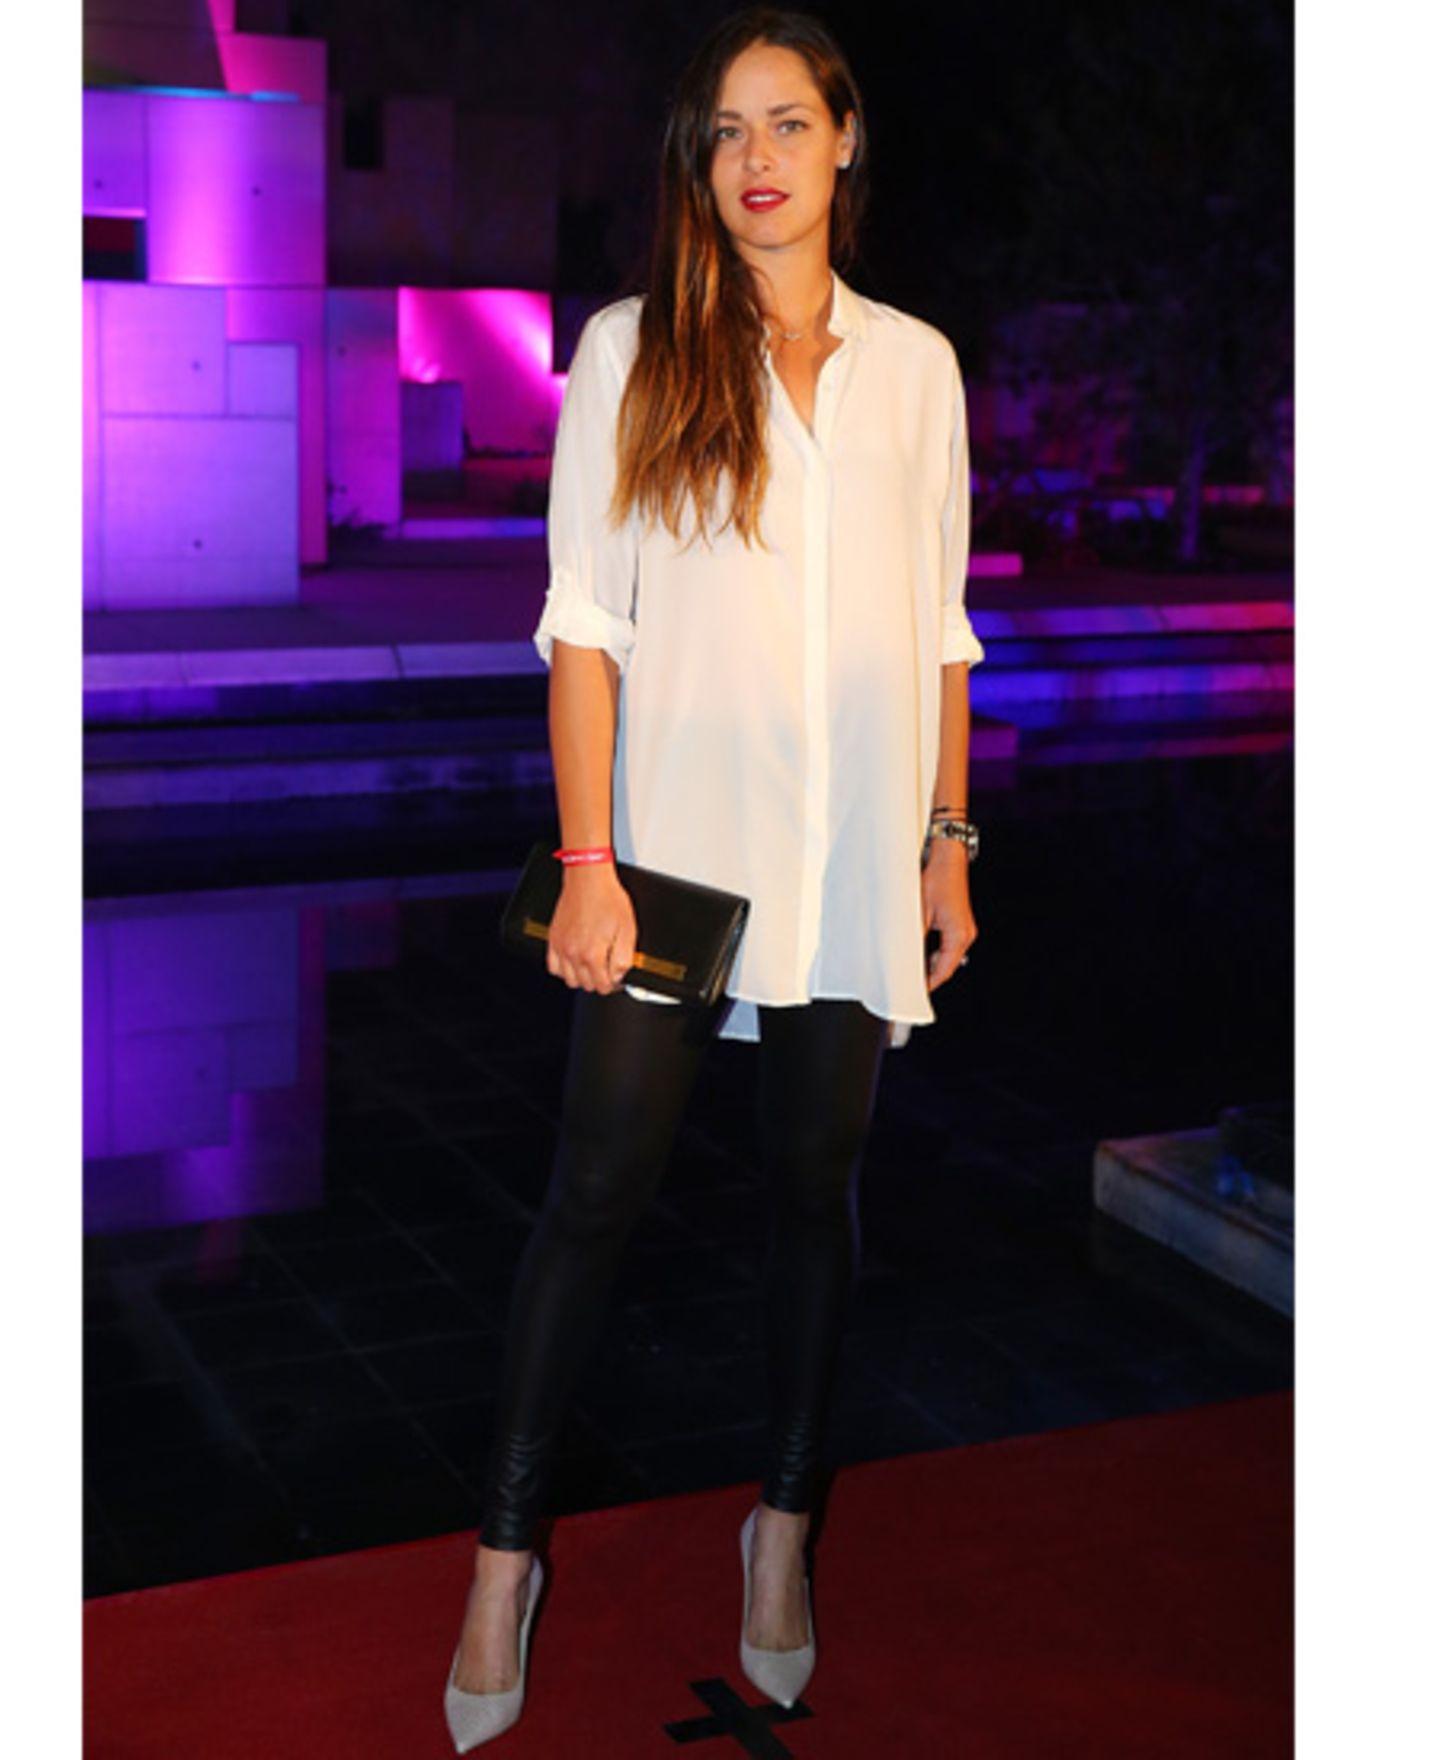 Sie ist DER Liebling bei den Promis: Lederleggins. Sie formen nicht nur eine schöne Figur und einen tollen Po, sie sehen einfach sexy aus und passen zu (fast) jeder Gelegenheit. Dazu sehen sowohl schlichte Oberteile, wie Basic-Shirts oder Pullover, aber auch Long-Blusen und Jeanshemden toll aus.